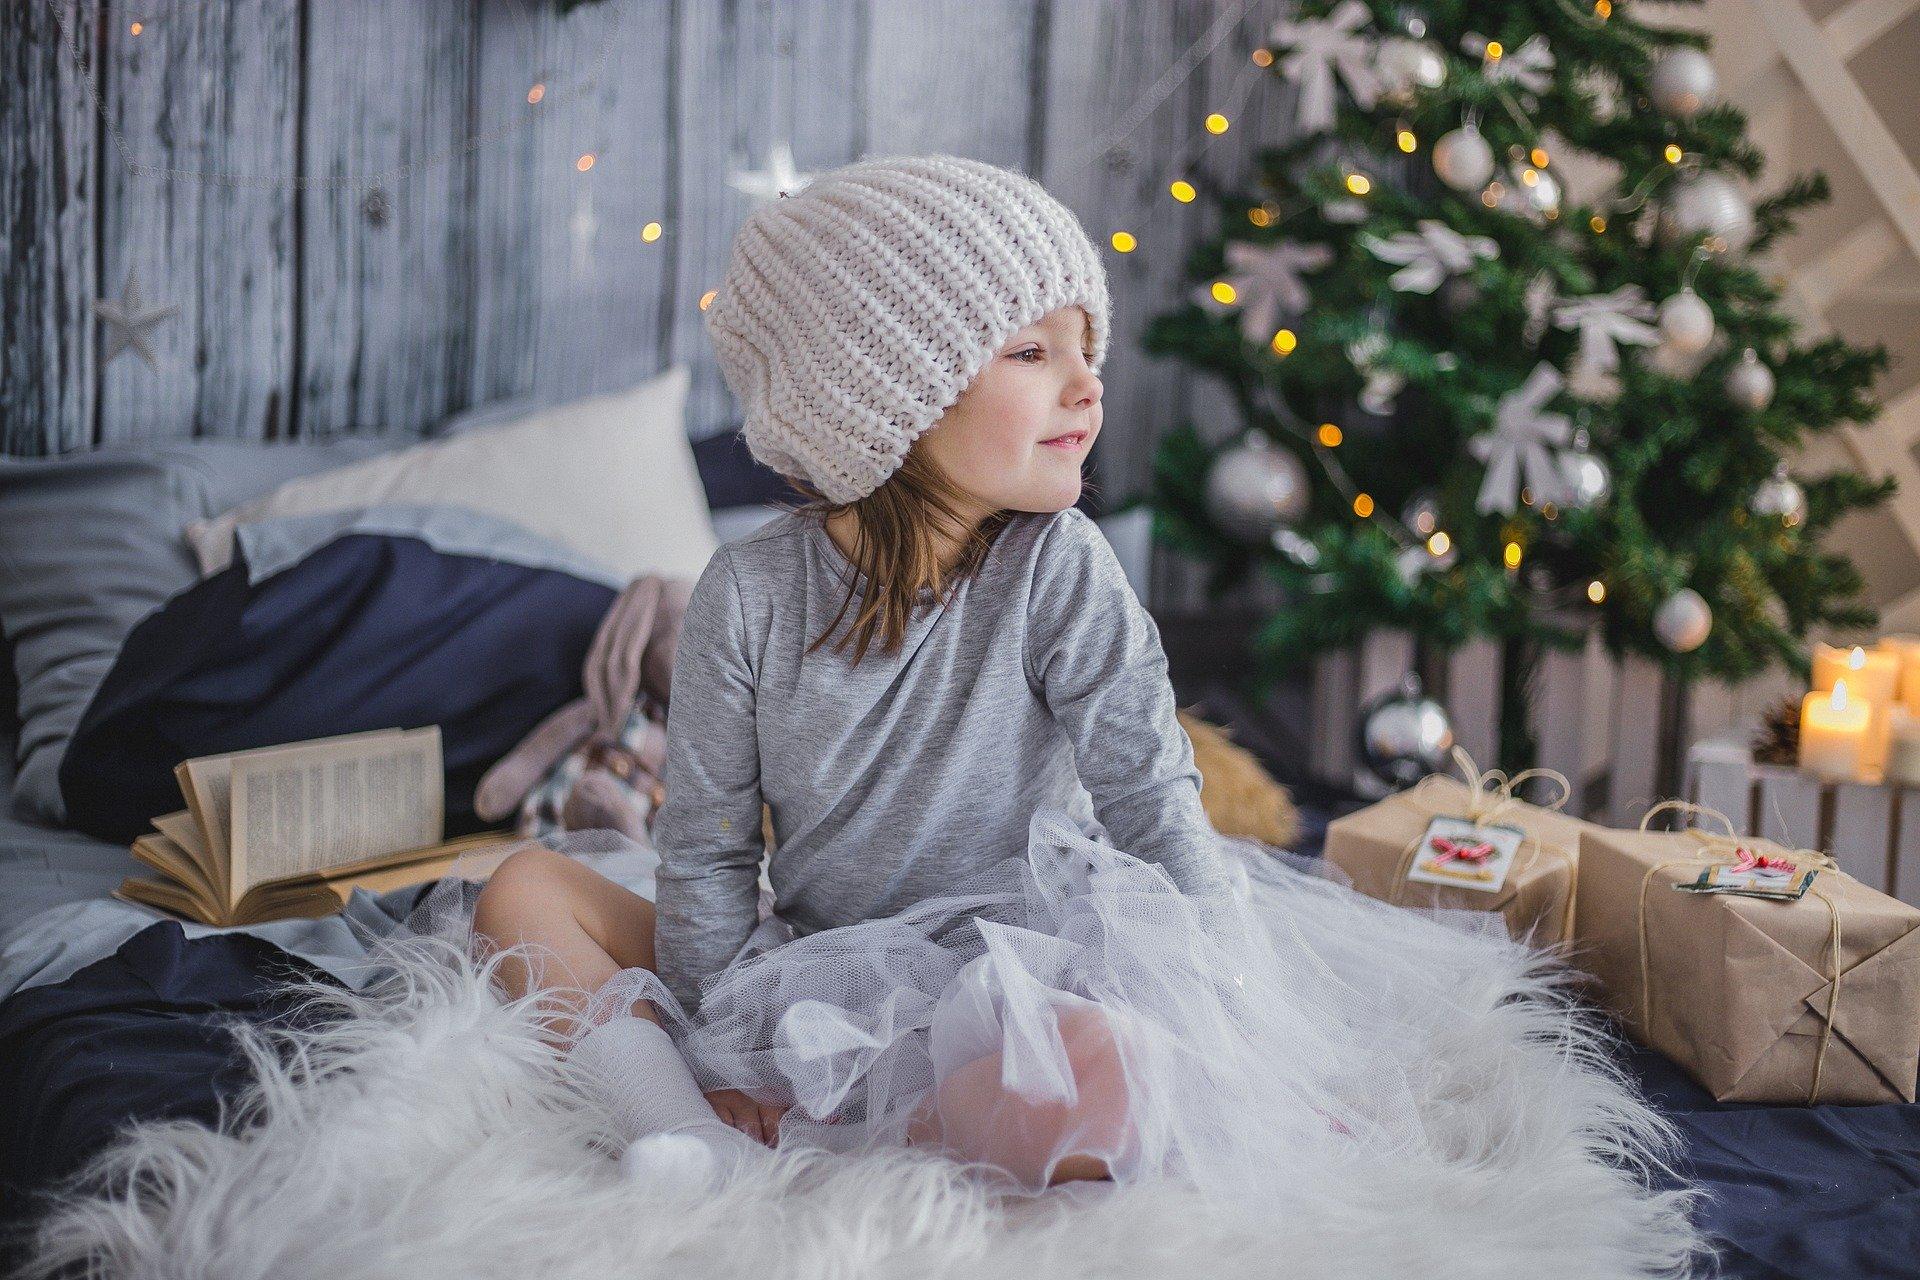 Letos nás čekají bílé Vánoce! A jaké další barevné trendy ovládnou nejkrásnější svátky v roce?